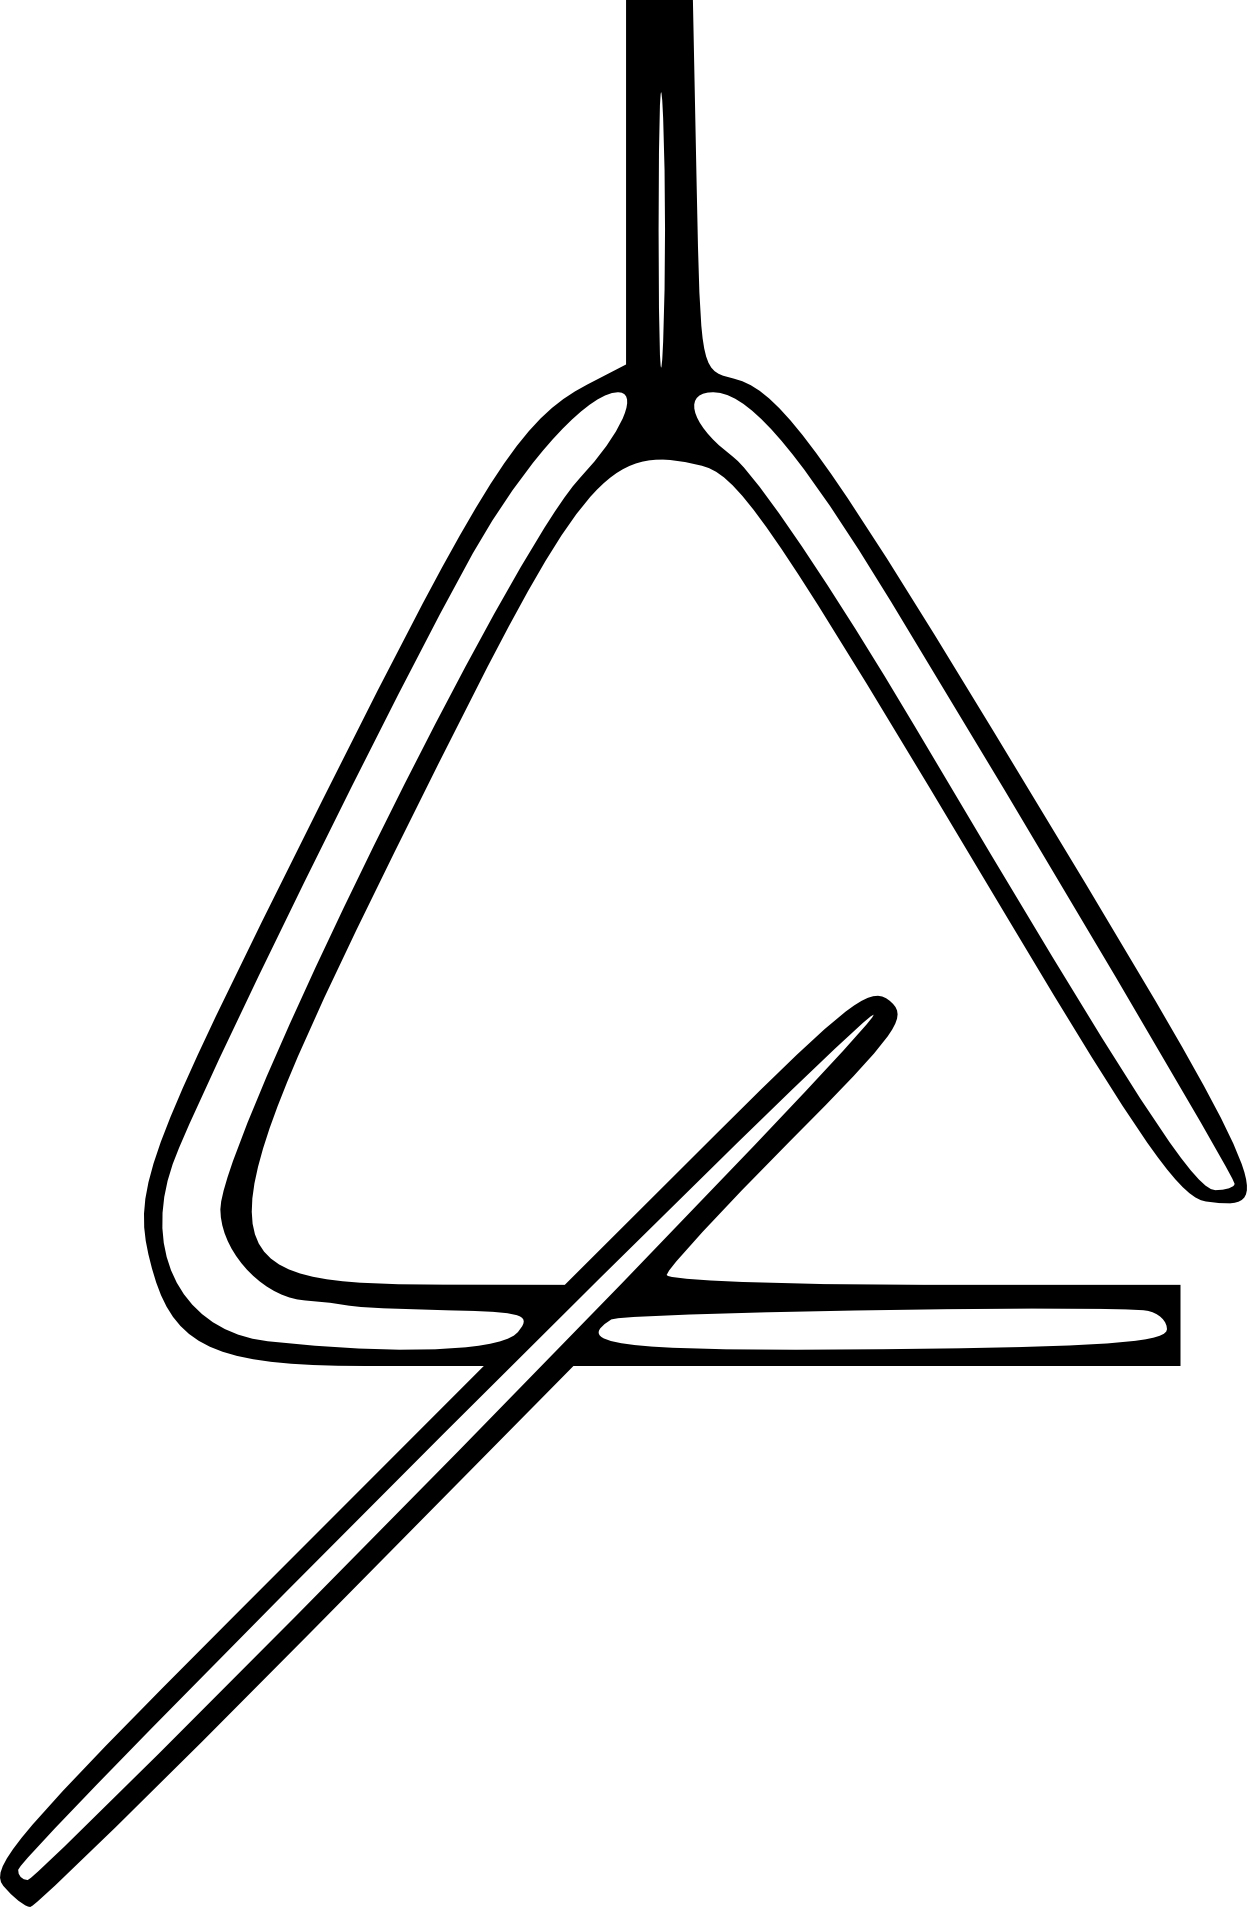 Coloriage Triangle De Musique À Imprimer dedans Image Instrument De Musique À Imprimer